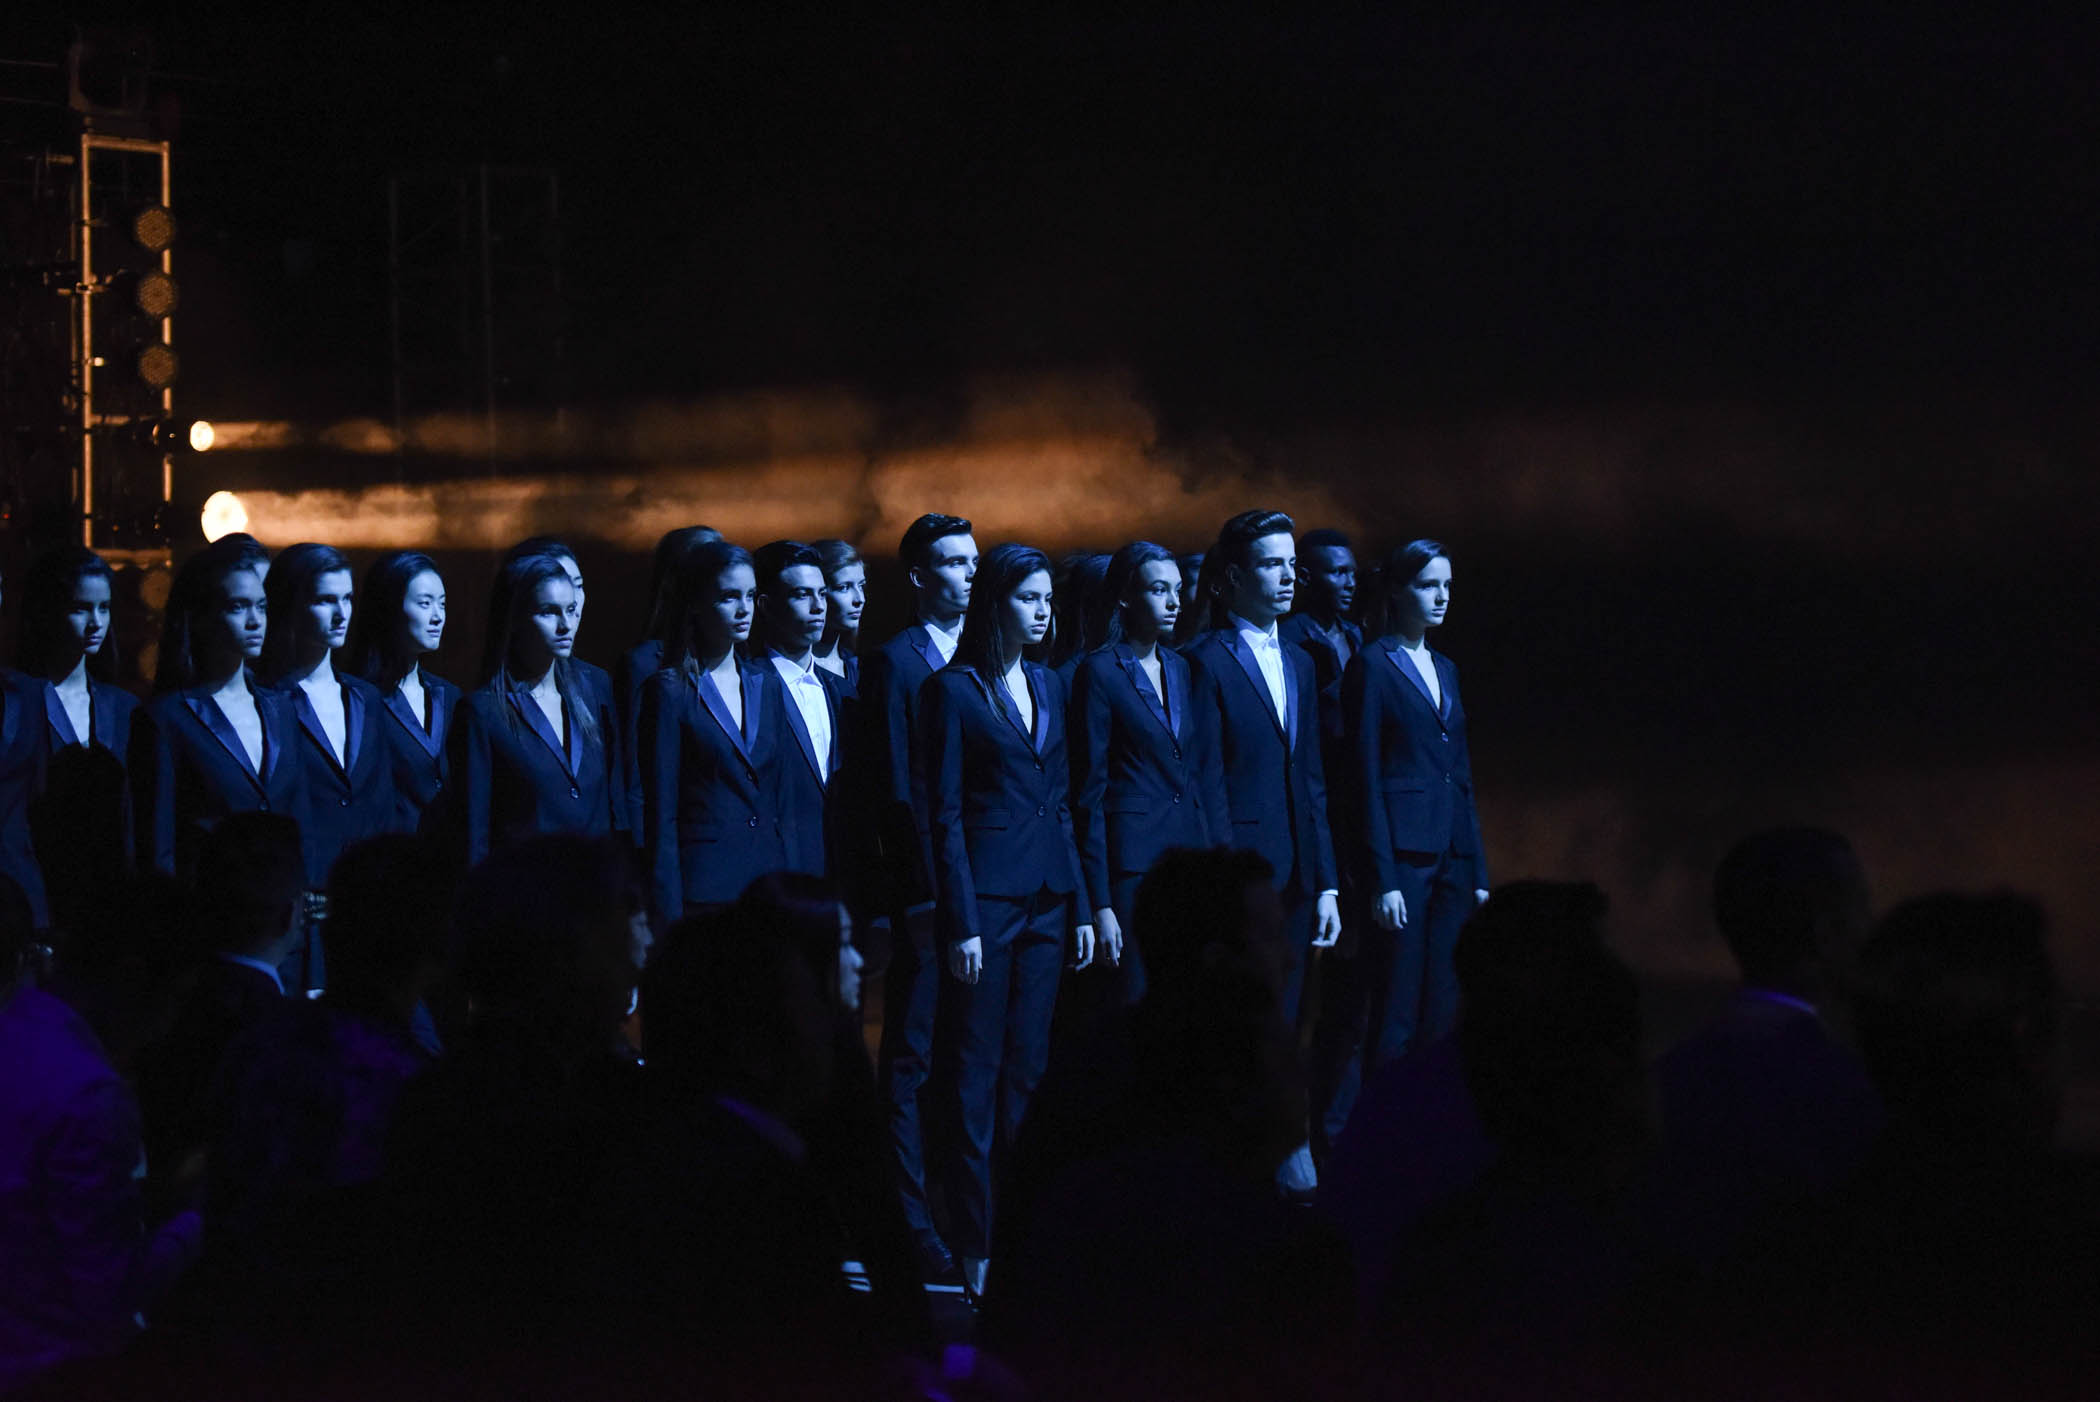 Très vite, il ne reste plus que 10 filles et 5 garçons, les autres candidats, smoking sobres encadrent la scène